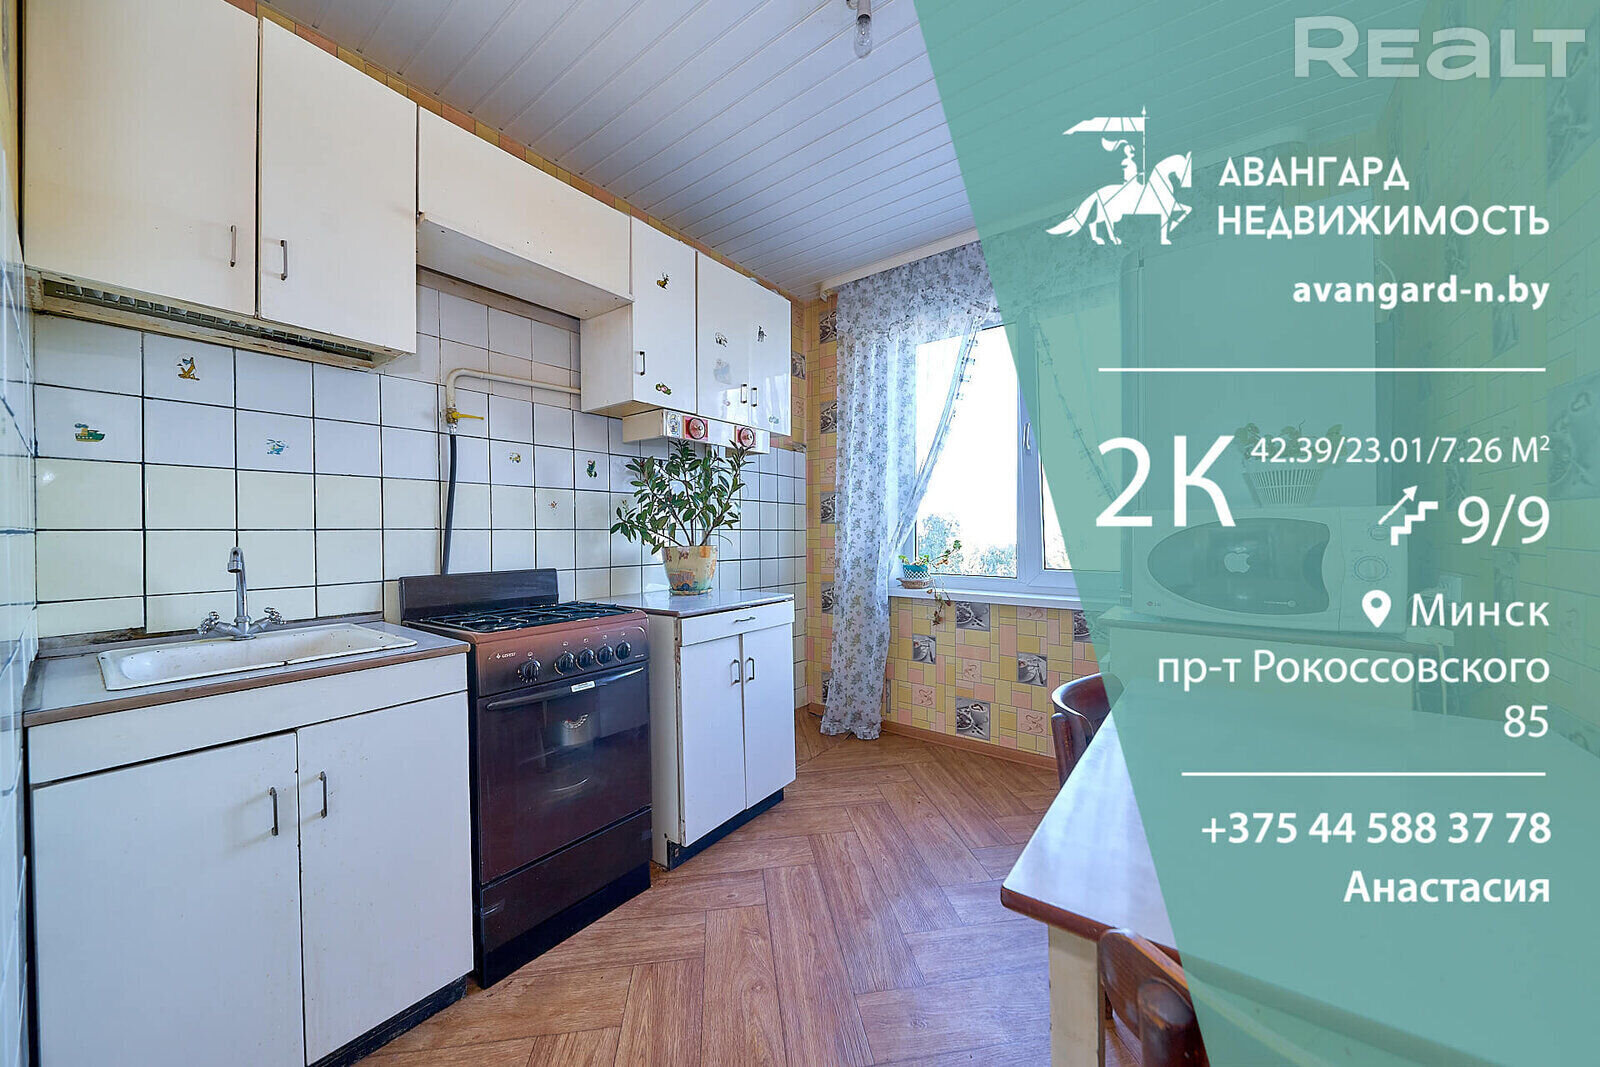 Продается 2-комнатная квартира в центре Серебрянки по пр-т Рокоссовского, 85